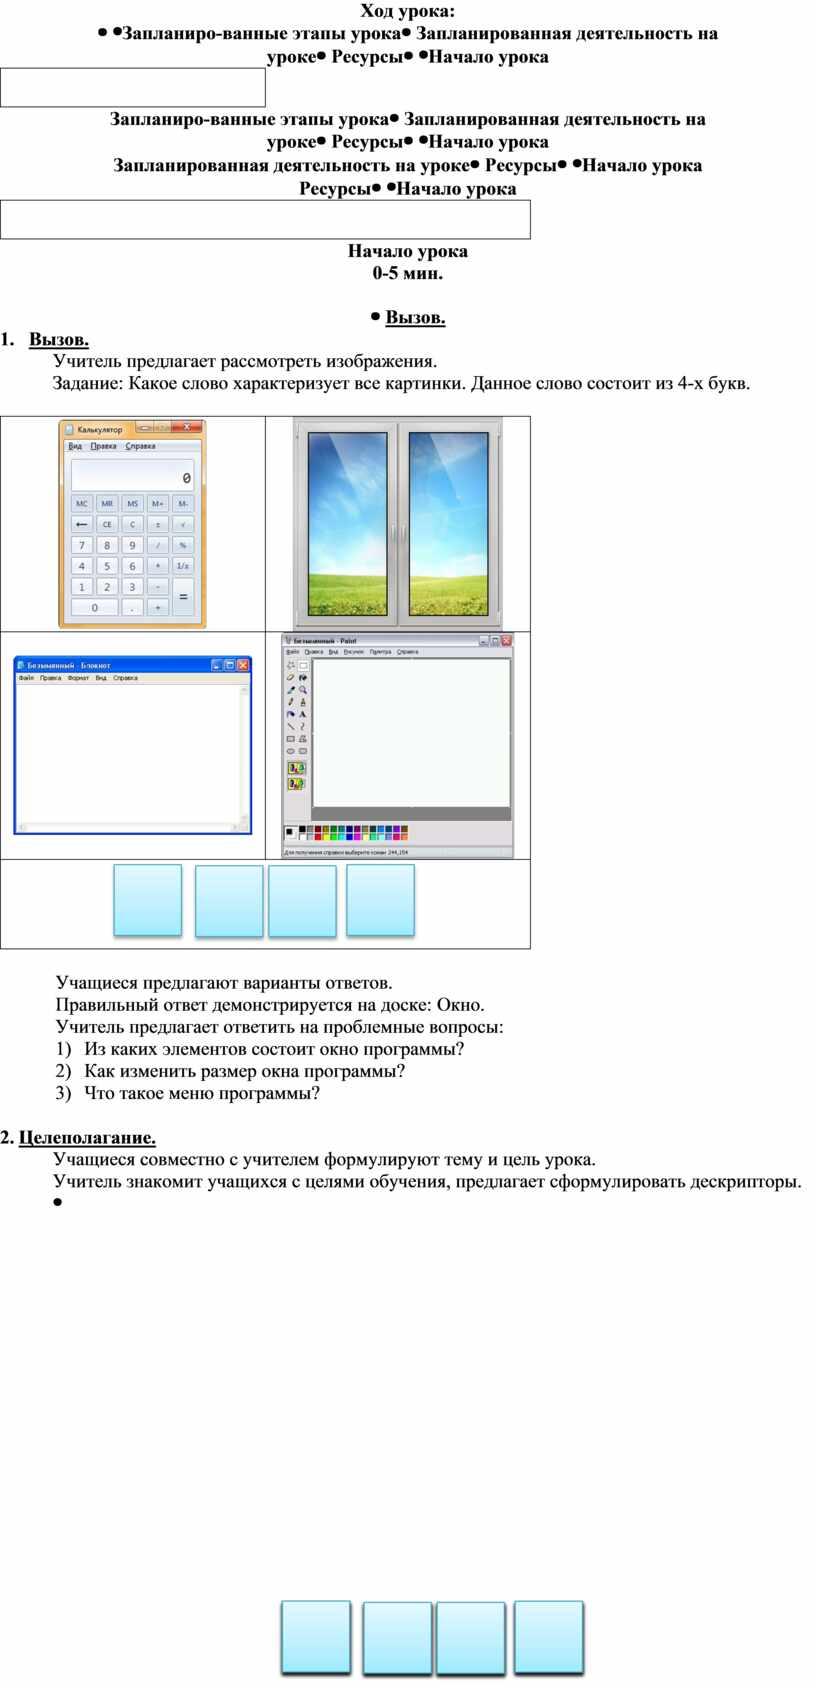 Ход урока: Запланиро-ванные этапы урокаЗапланированная деятельность на урокеРесурсы